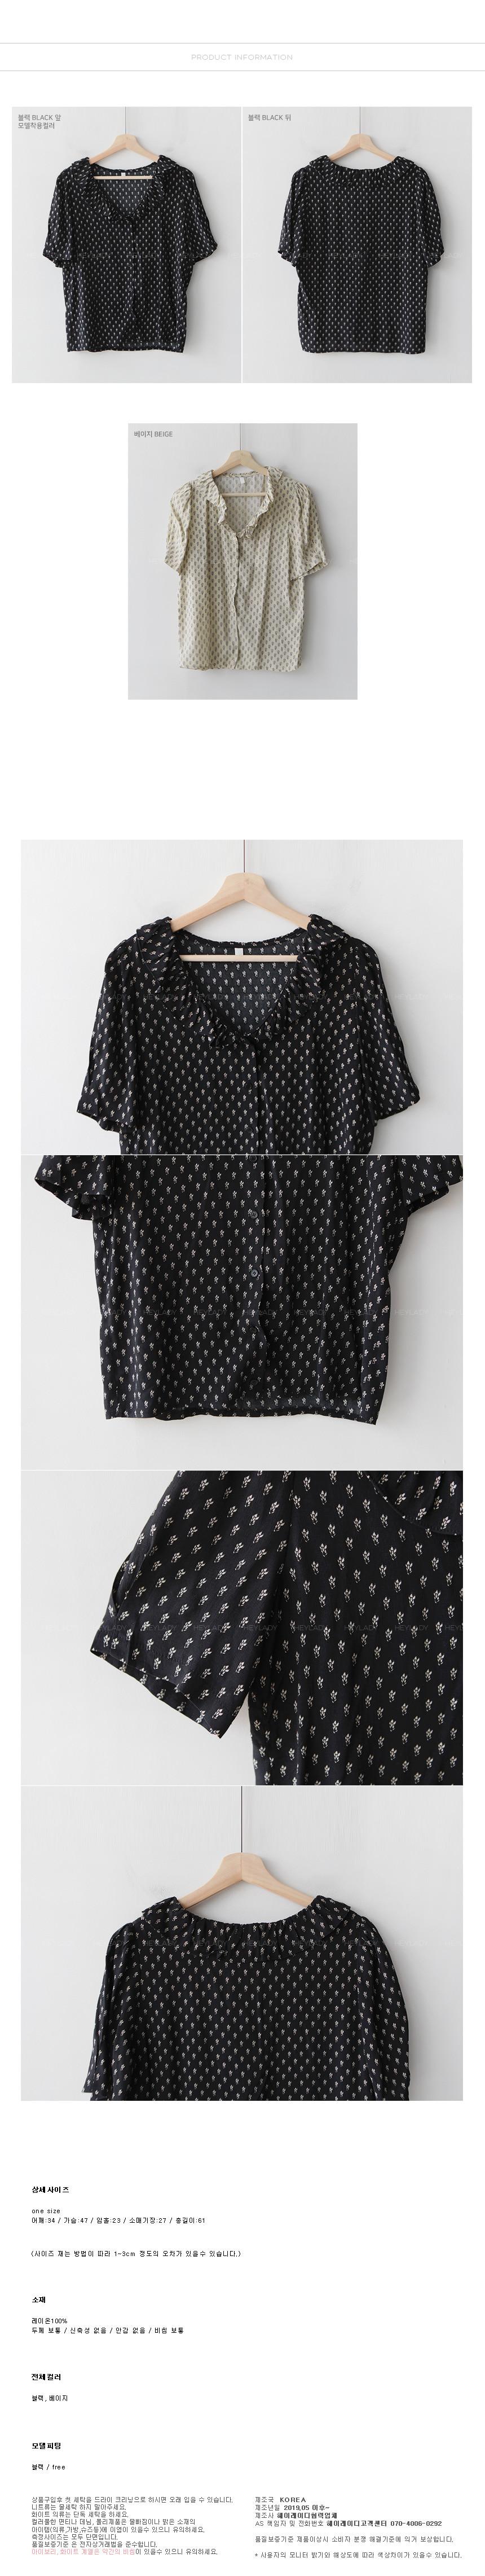 Revit frill blouse